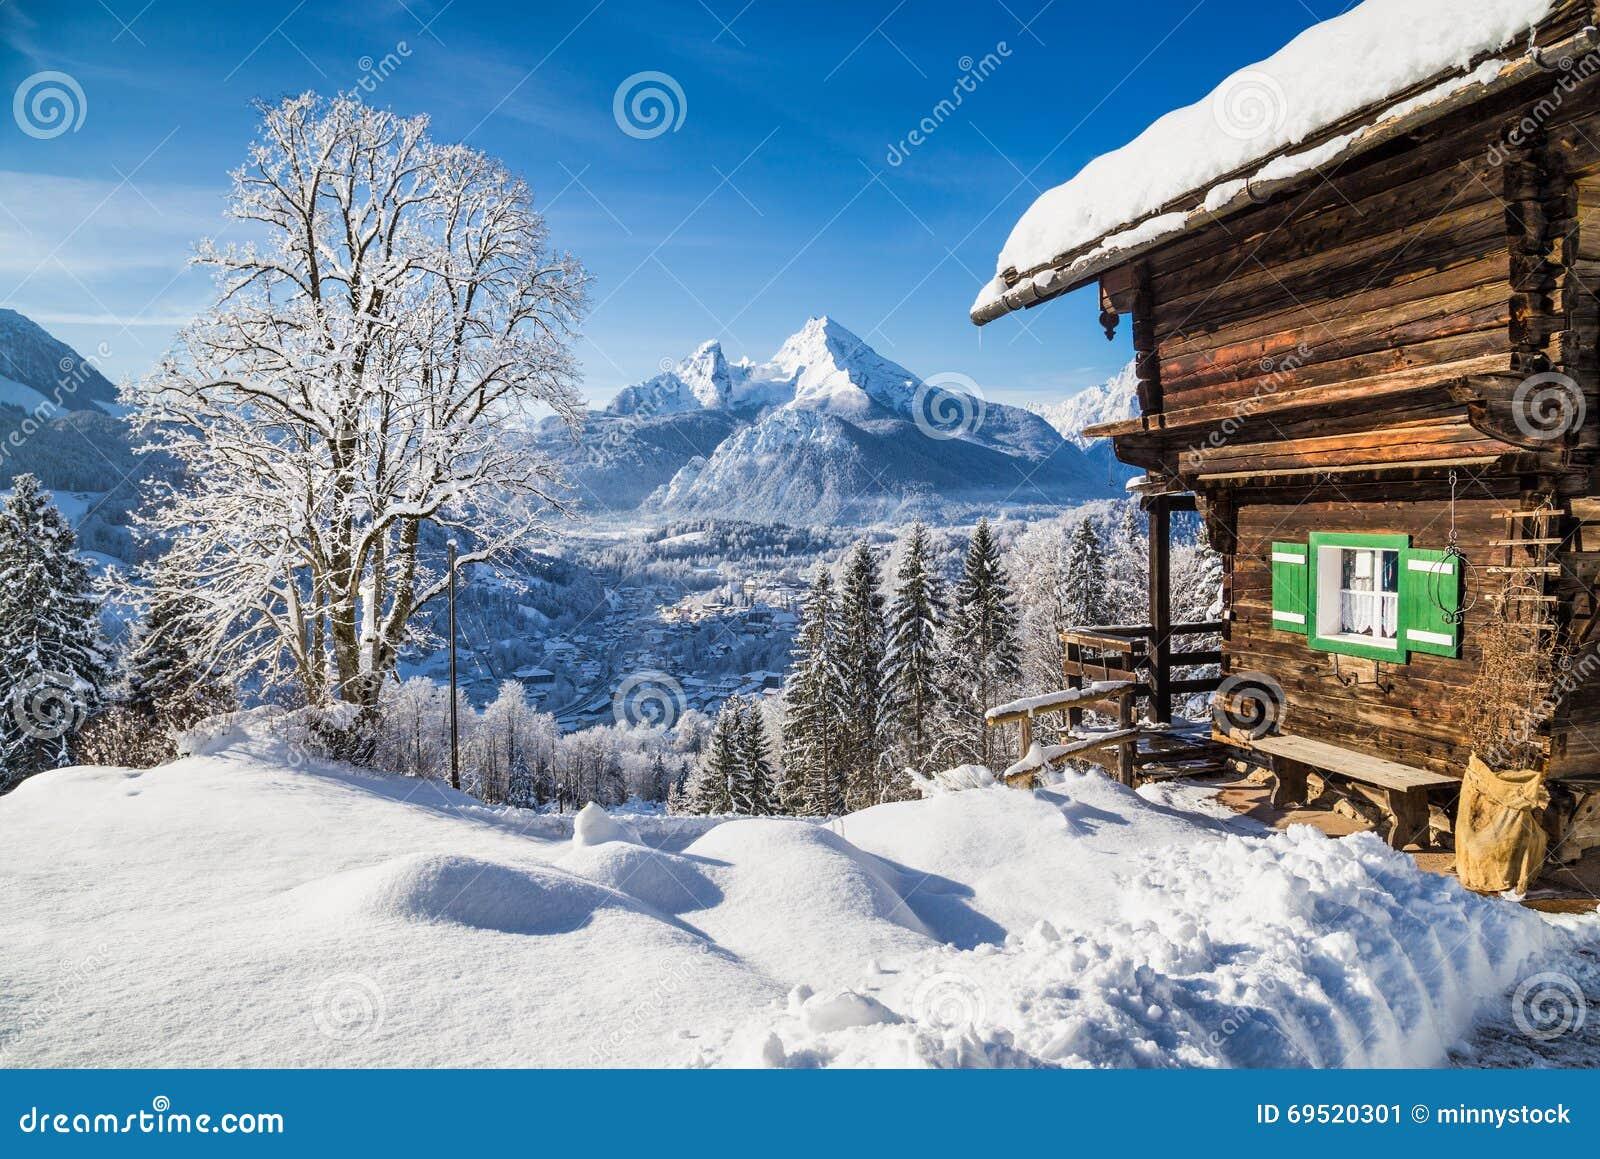 le pays des merveilles d 39 hiver avec le chalet de montagne. Black Bedroom Furniture Sets. Home Design Ideas